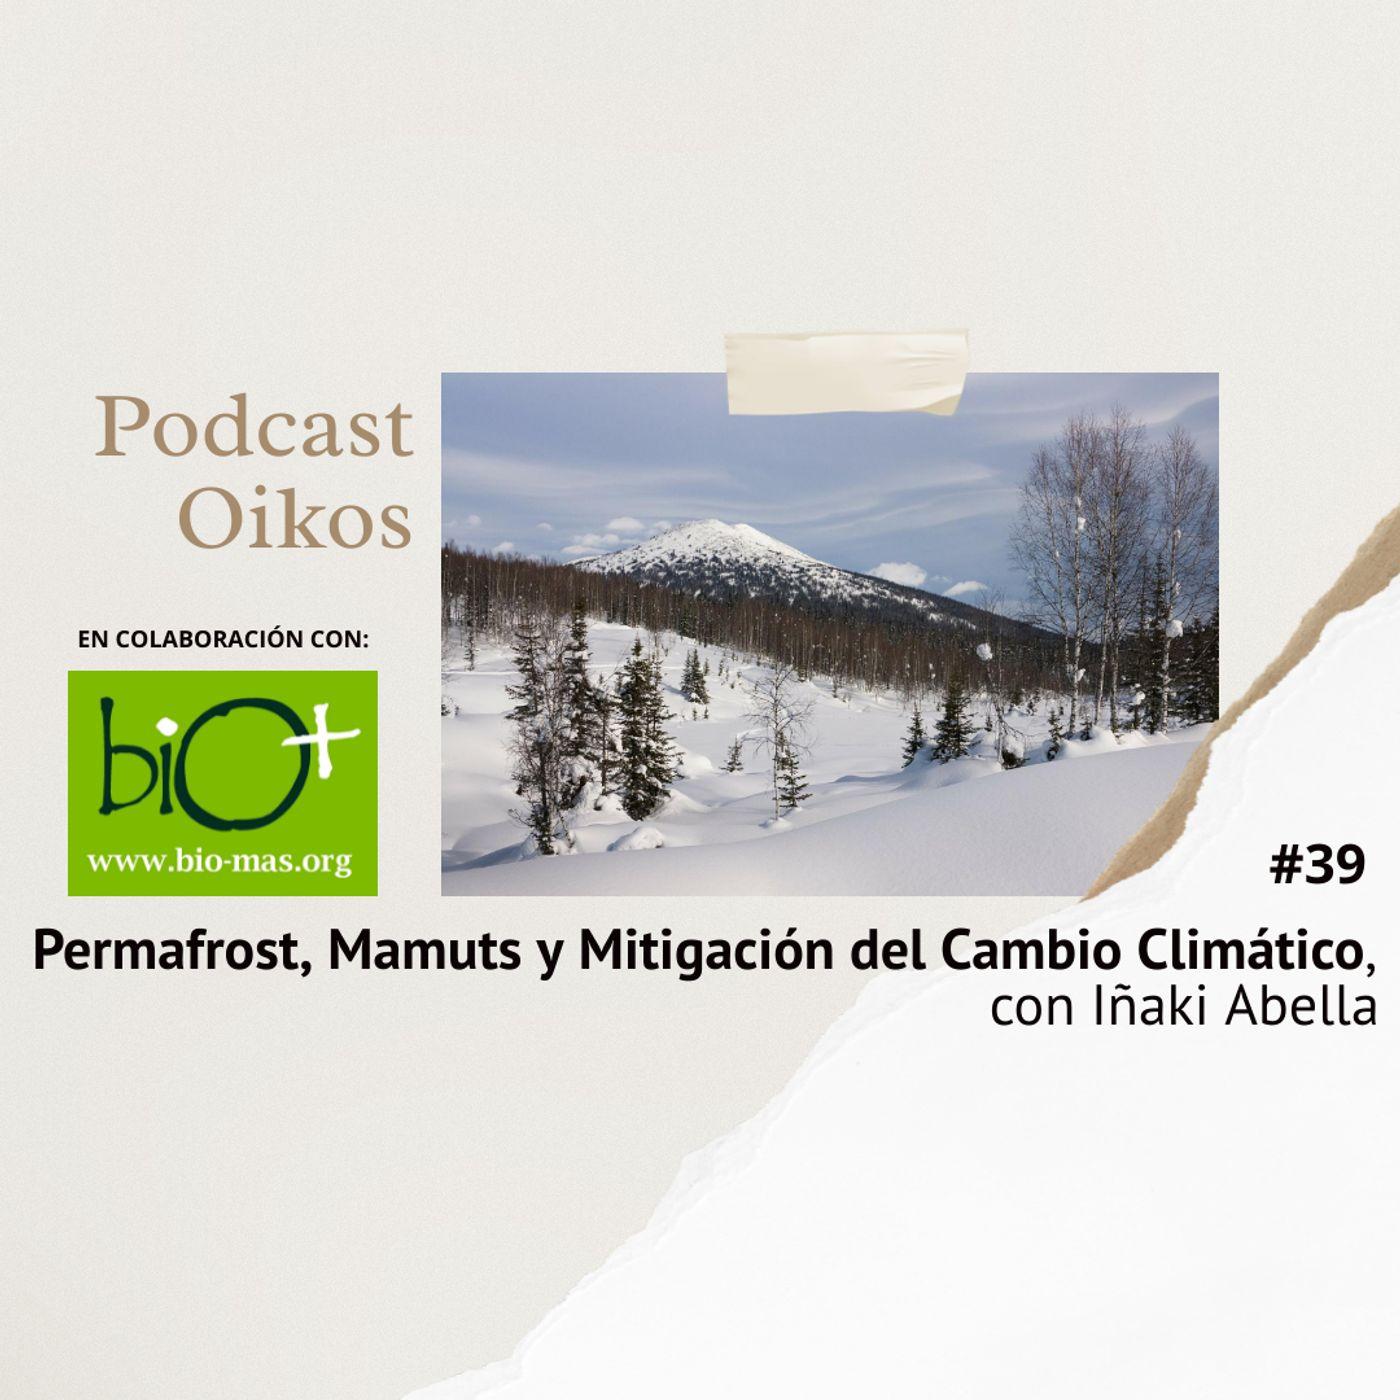 Permafrost, Mamuts y Mitigación del Cambio Climático, con Iñaki Abella | Oikos #39